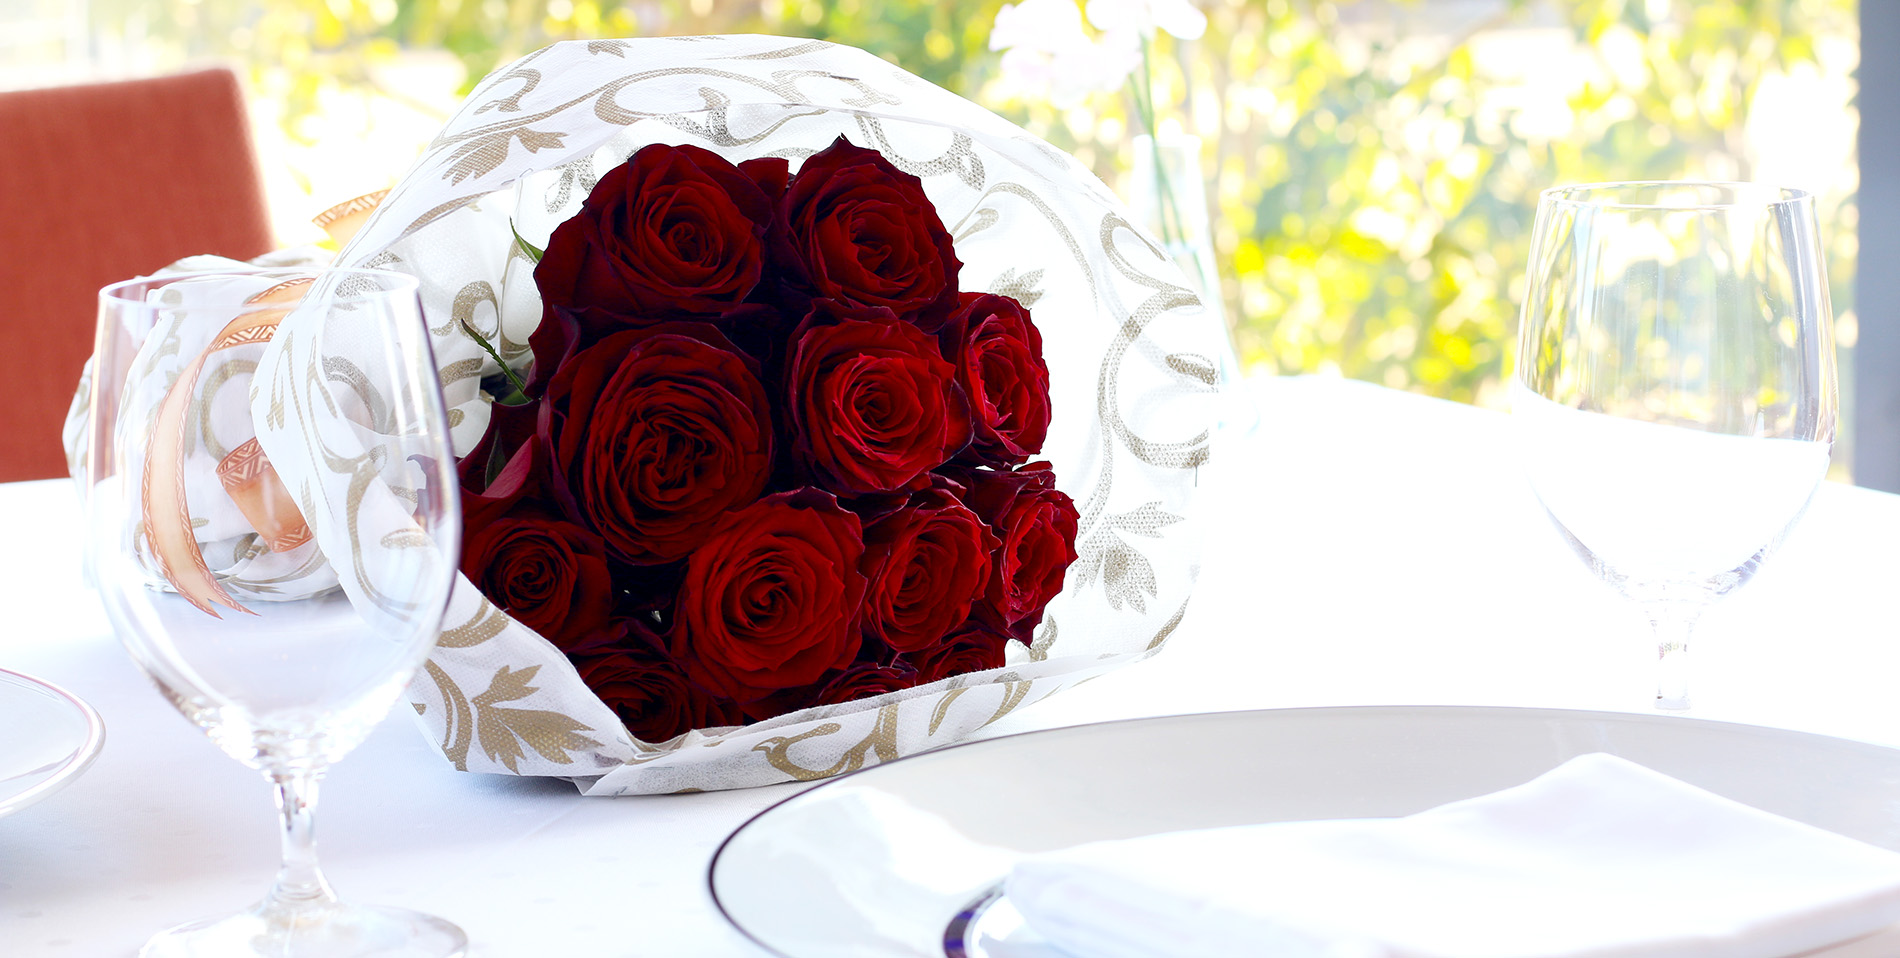 2月14日限定「フラワ ー・バレンタイン・ディナー」~ DOZEN ROSES ~